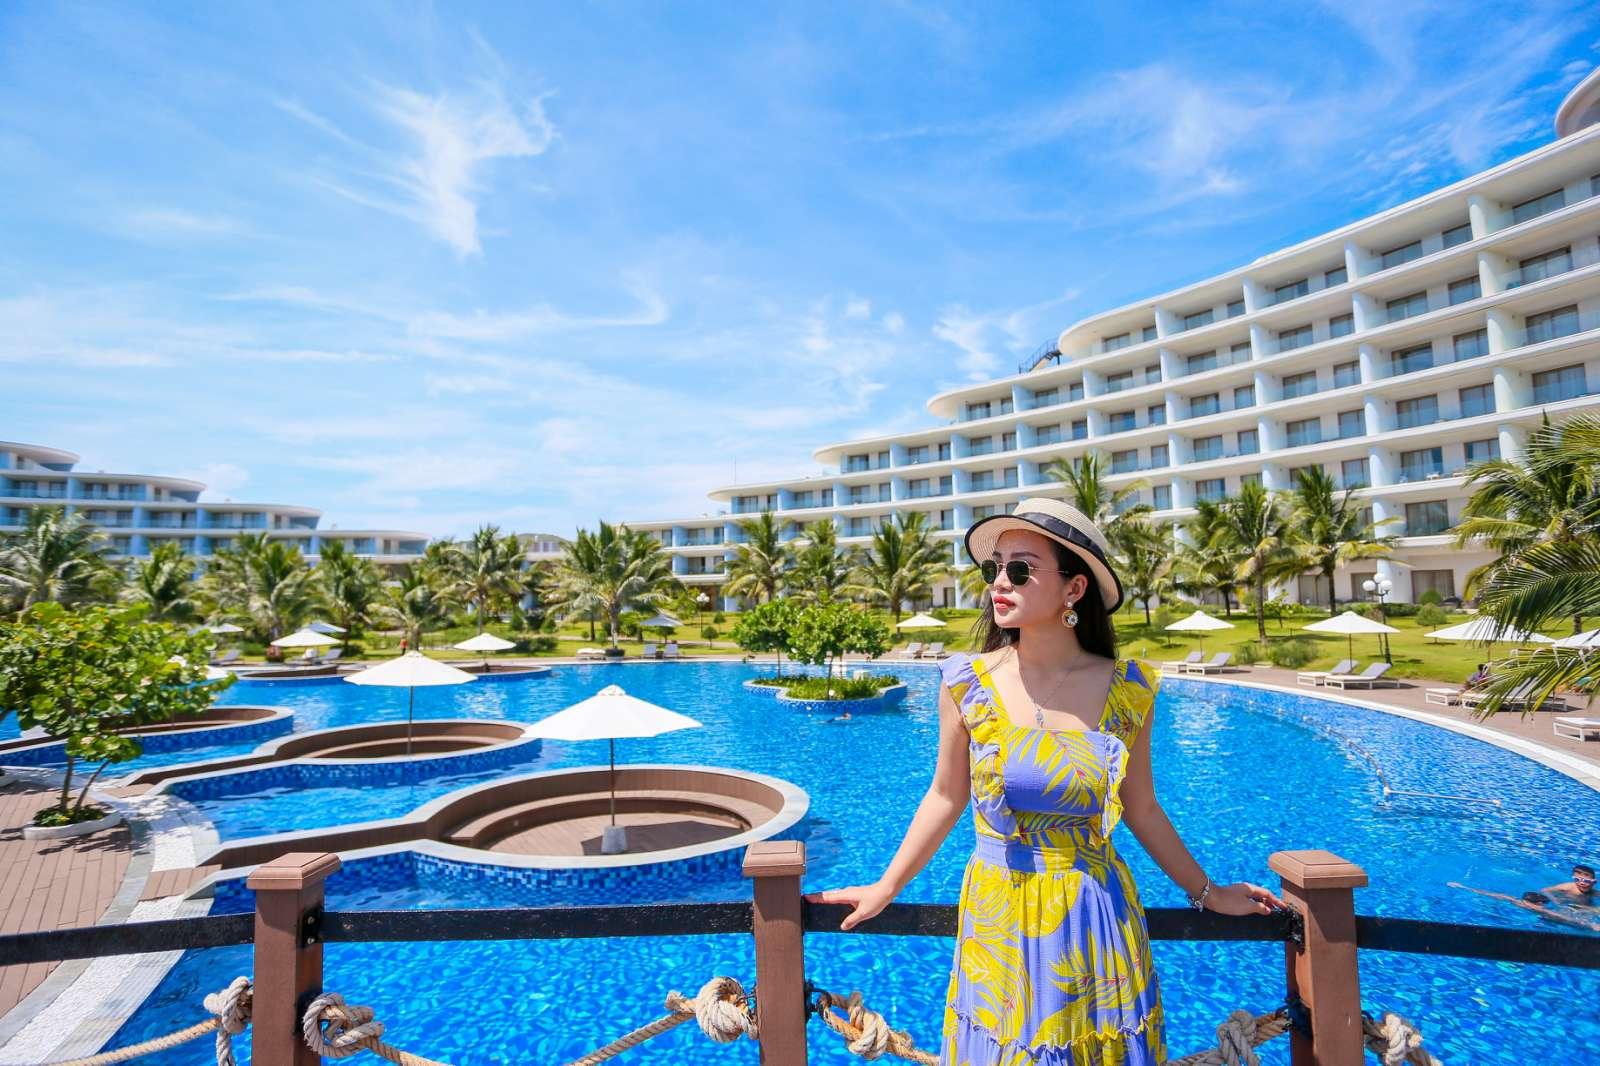 check in flc quy nhơn - Booking phòng khách sạn FLC Quy Nhơn